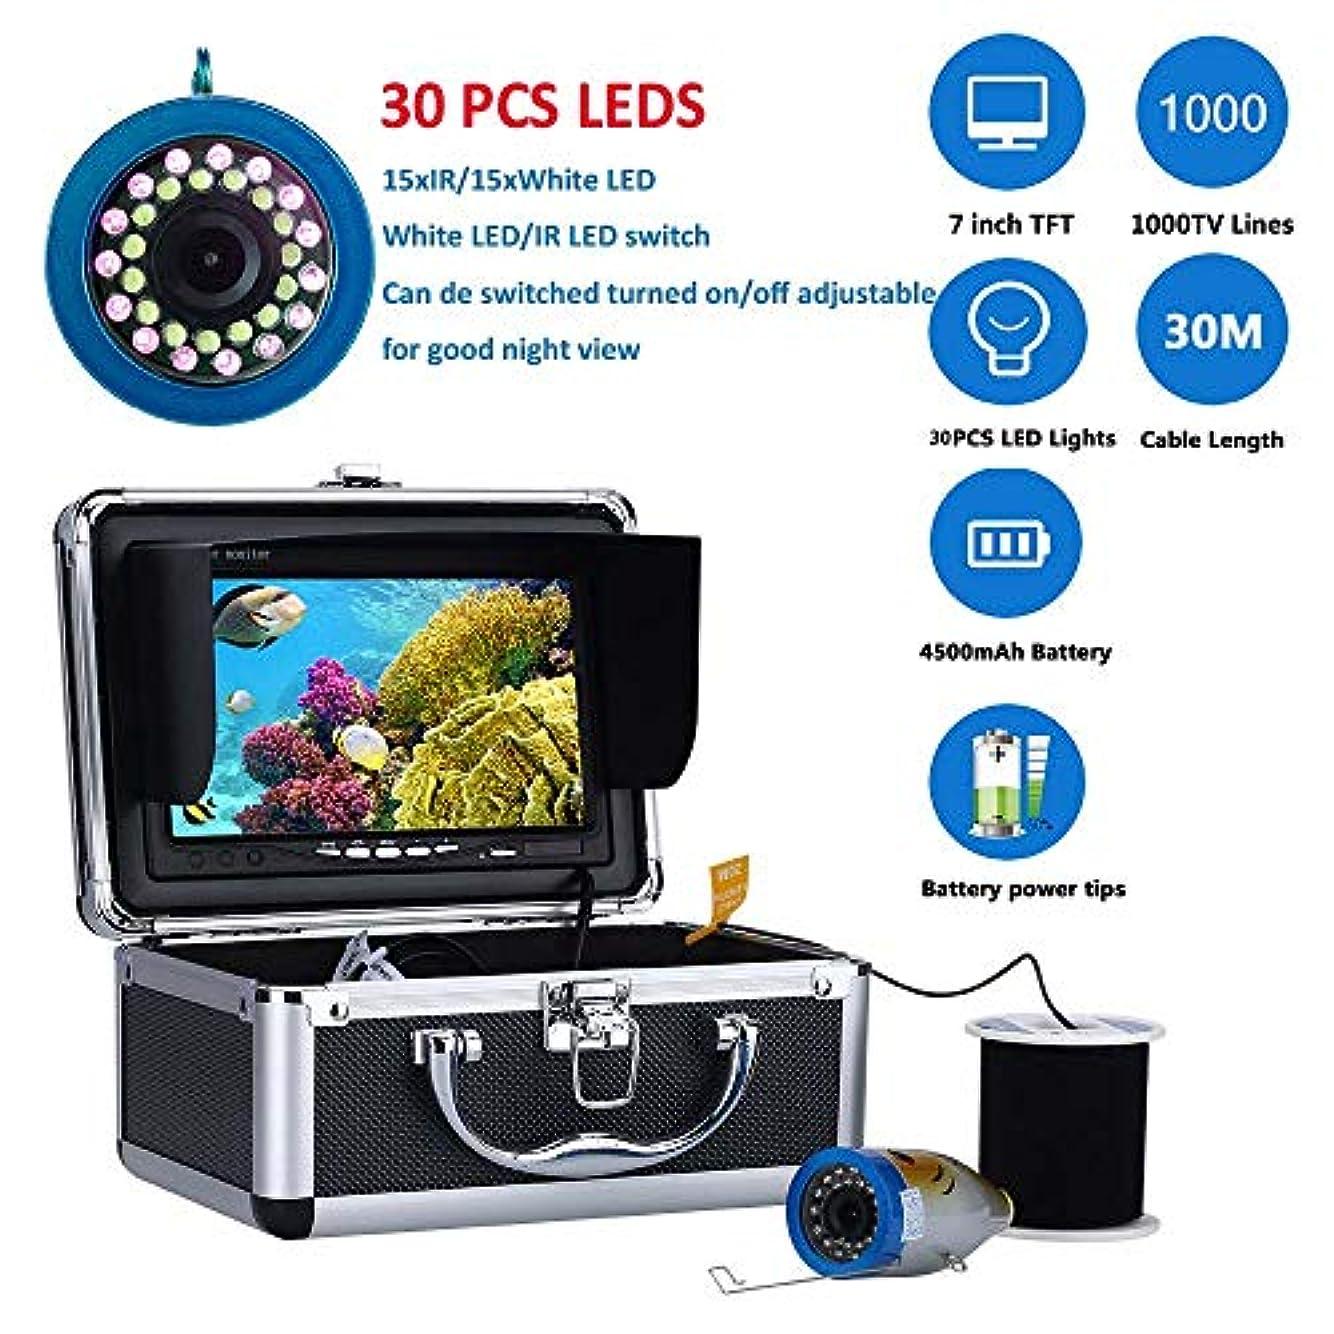 露骨な温度計持続的水中フィッシュファインダー HD 水中カメラ7インチ液晶モニター IP68 防水1000tvl 水中釣りカメラ (30m)